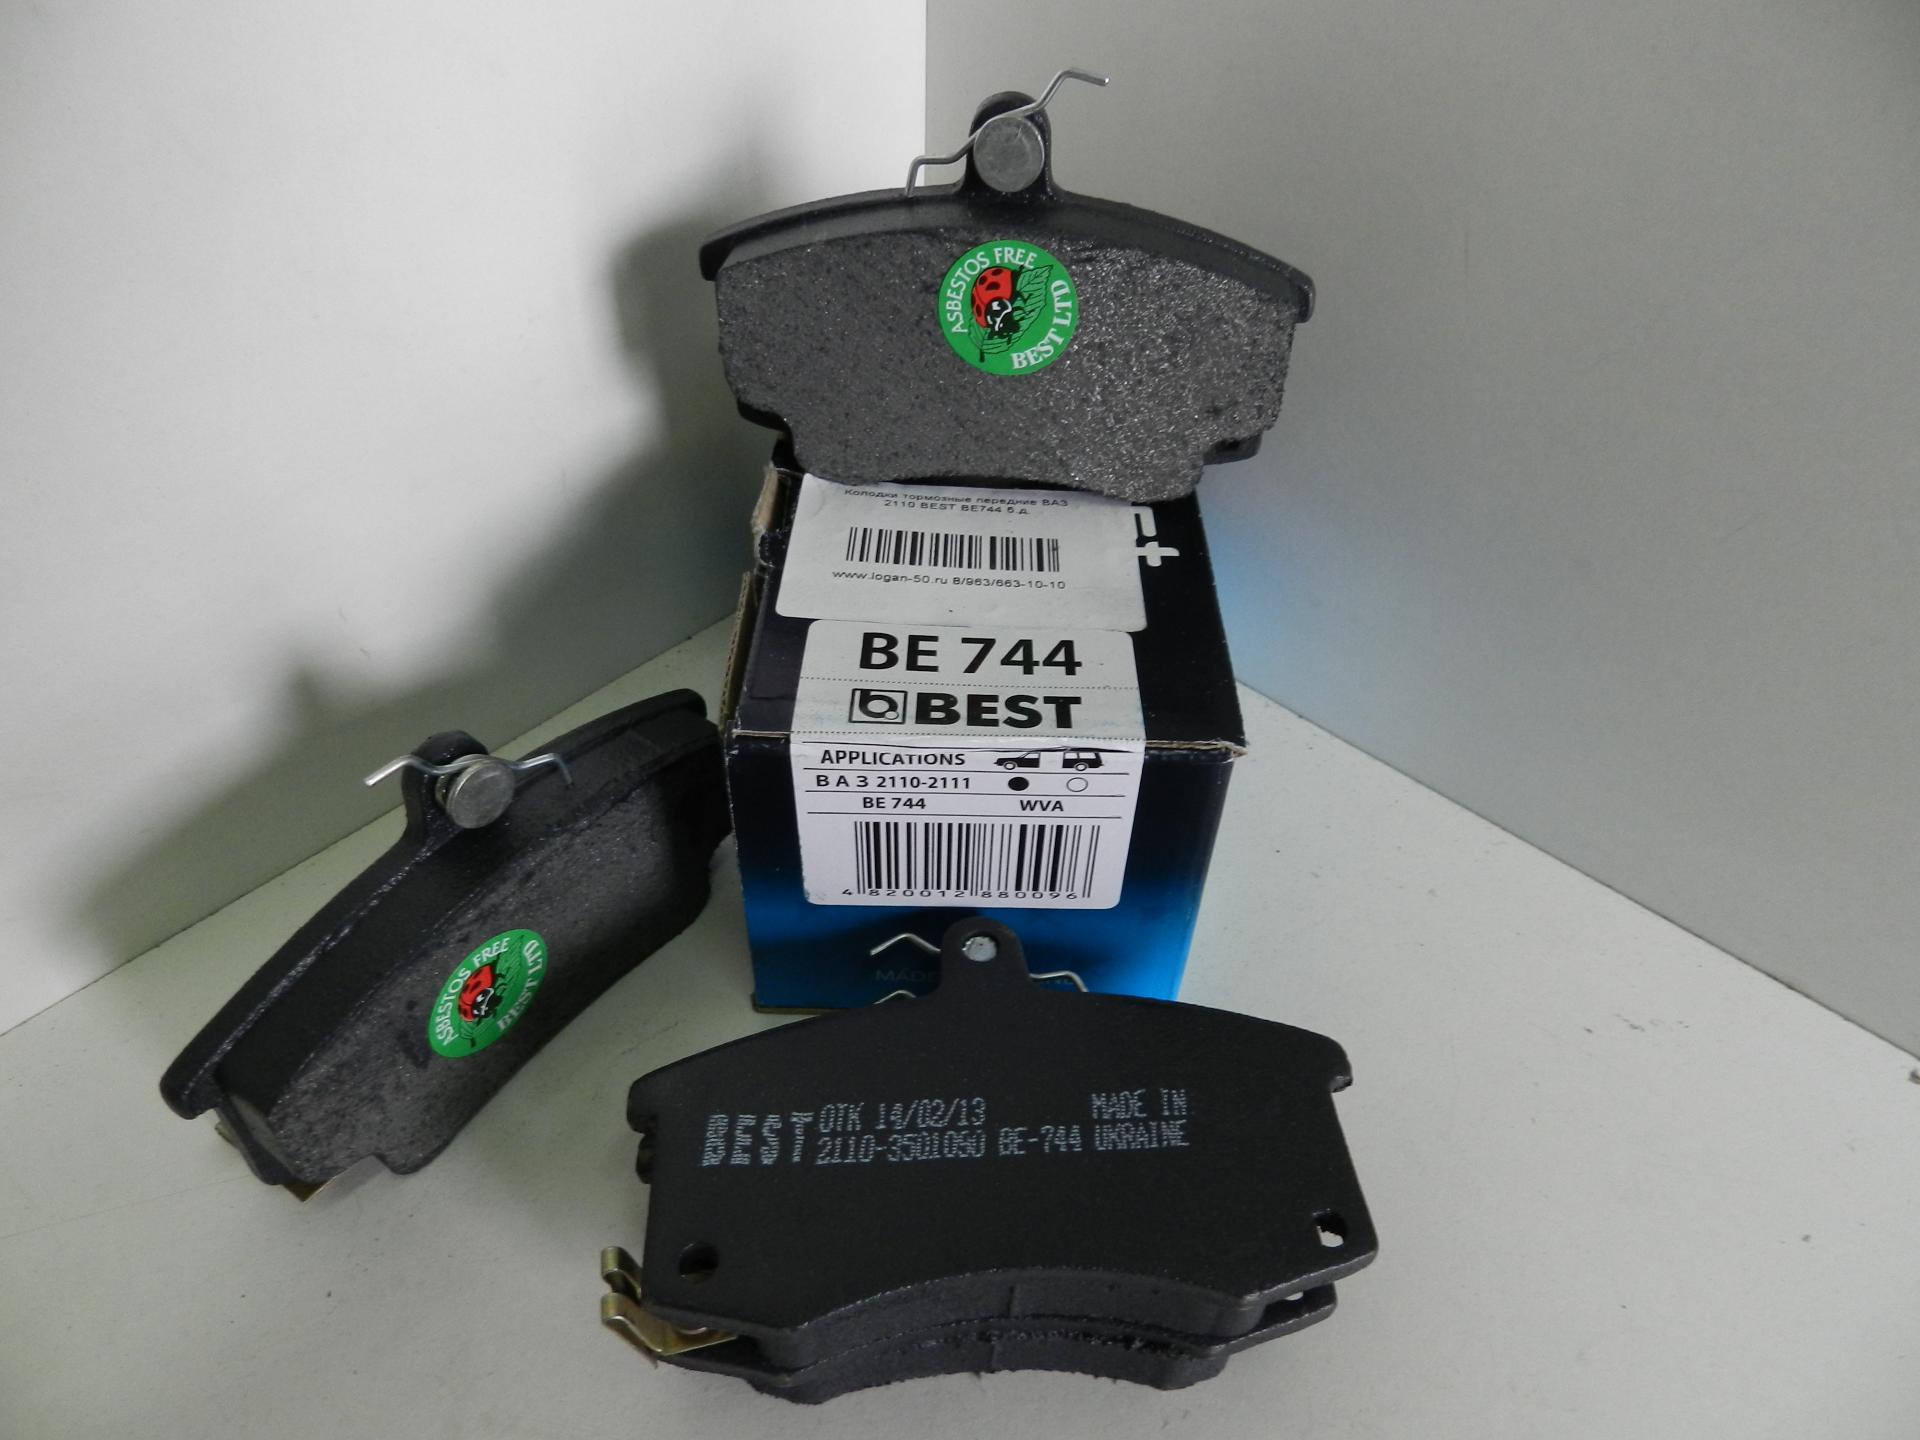 Лёгкая замена передних и задних тормозных колодок на ВАЗ 2109 и 21099 своими руками